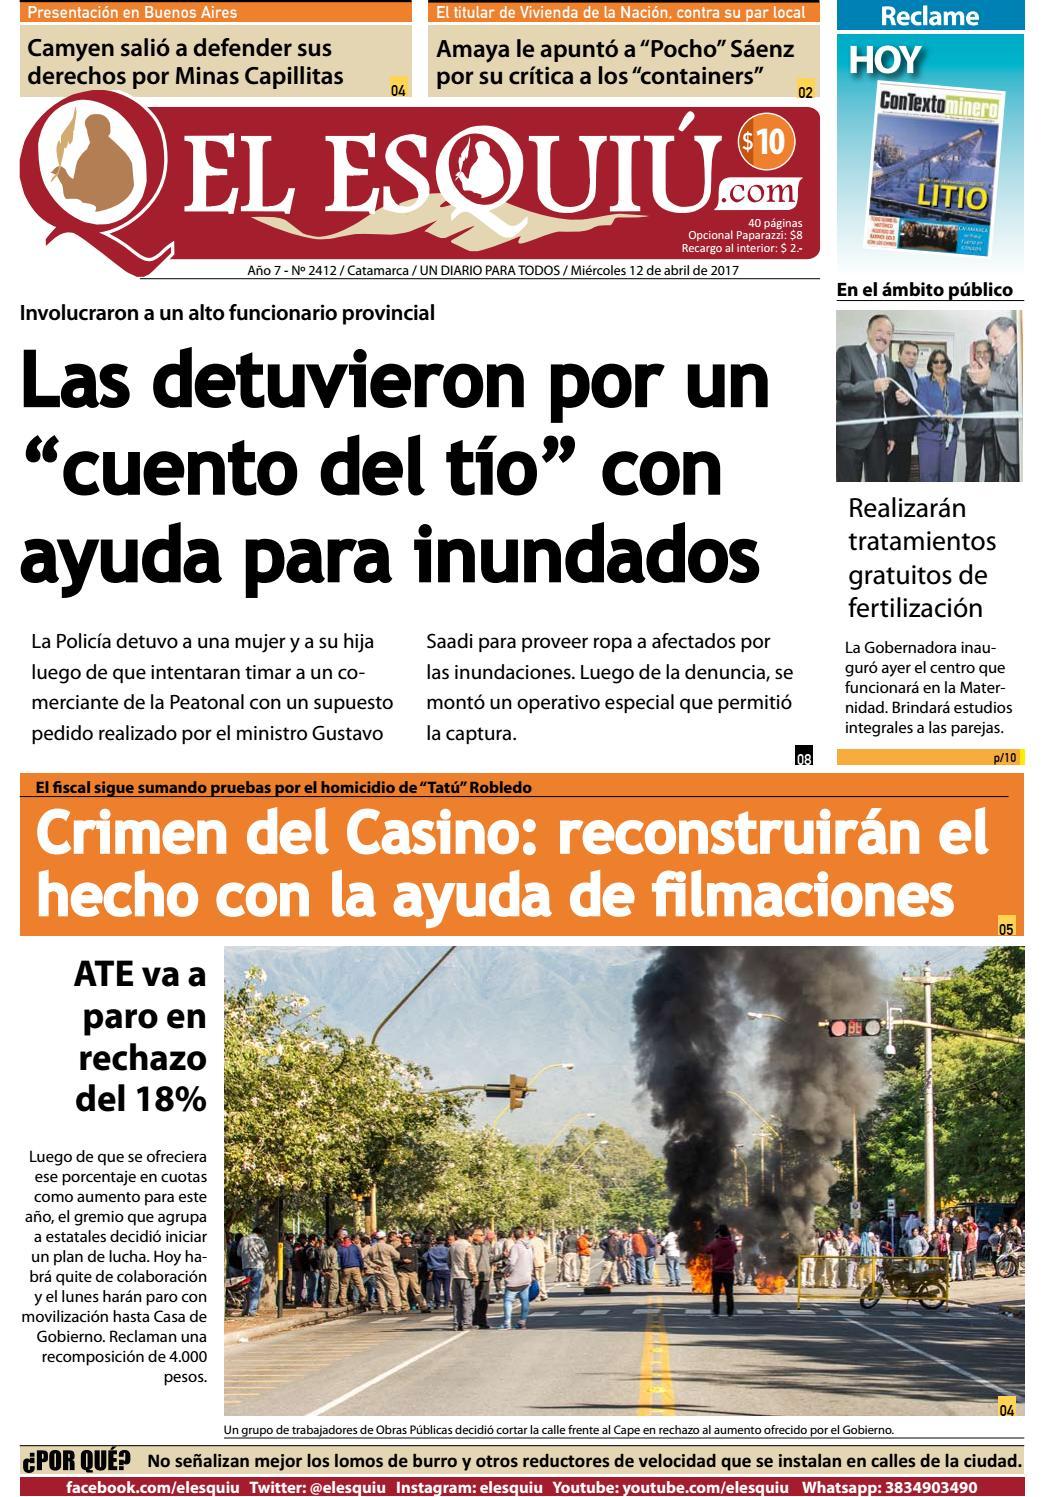 El Esquiu Com Mi Rcoles 12 De Abril De 2017 By Editorial El  # Mateo Muebles Cutral Co